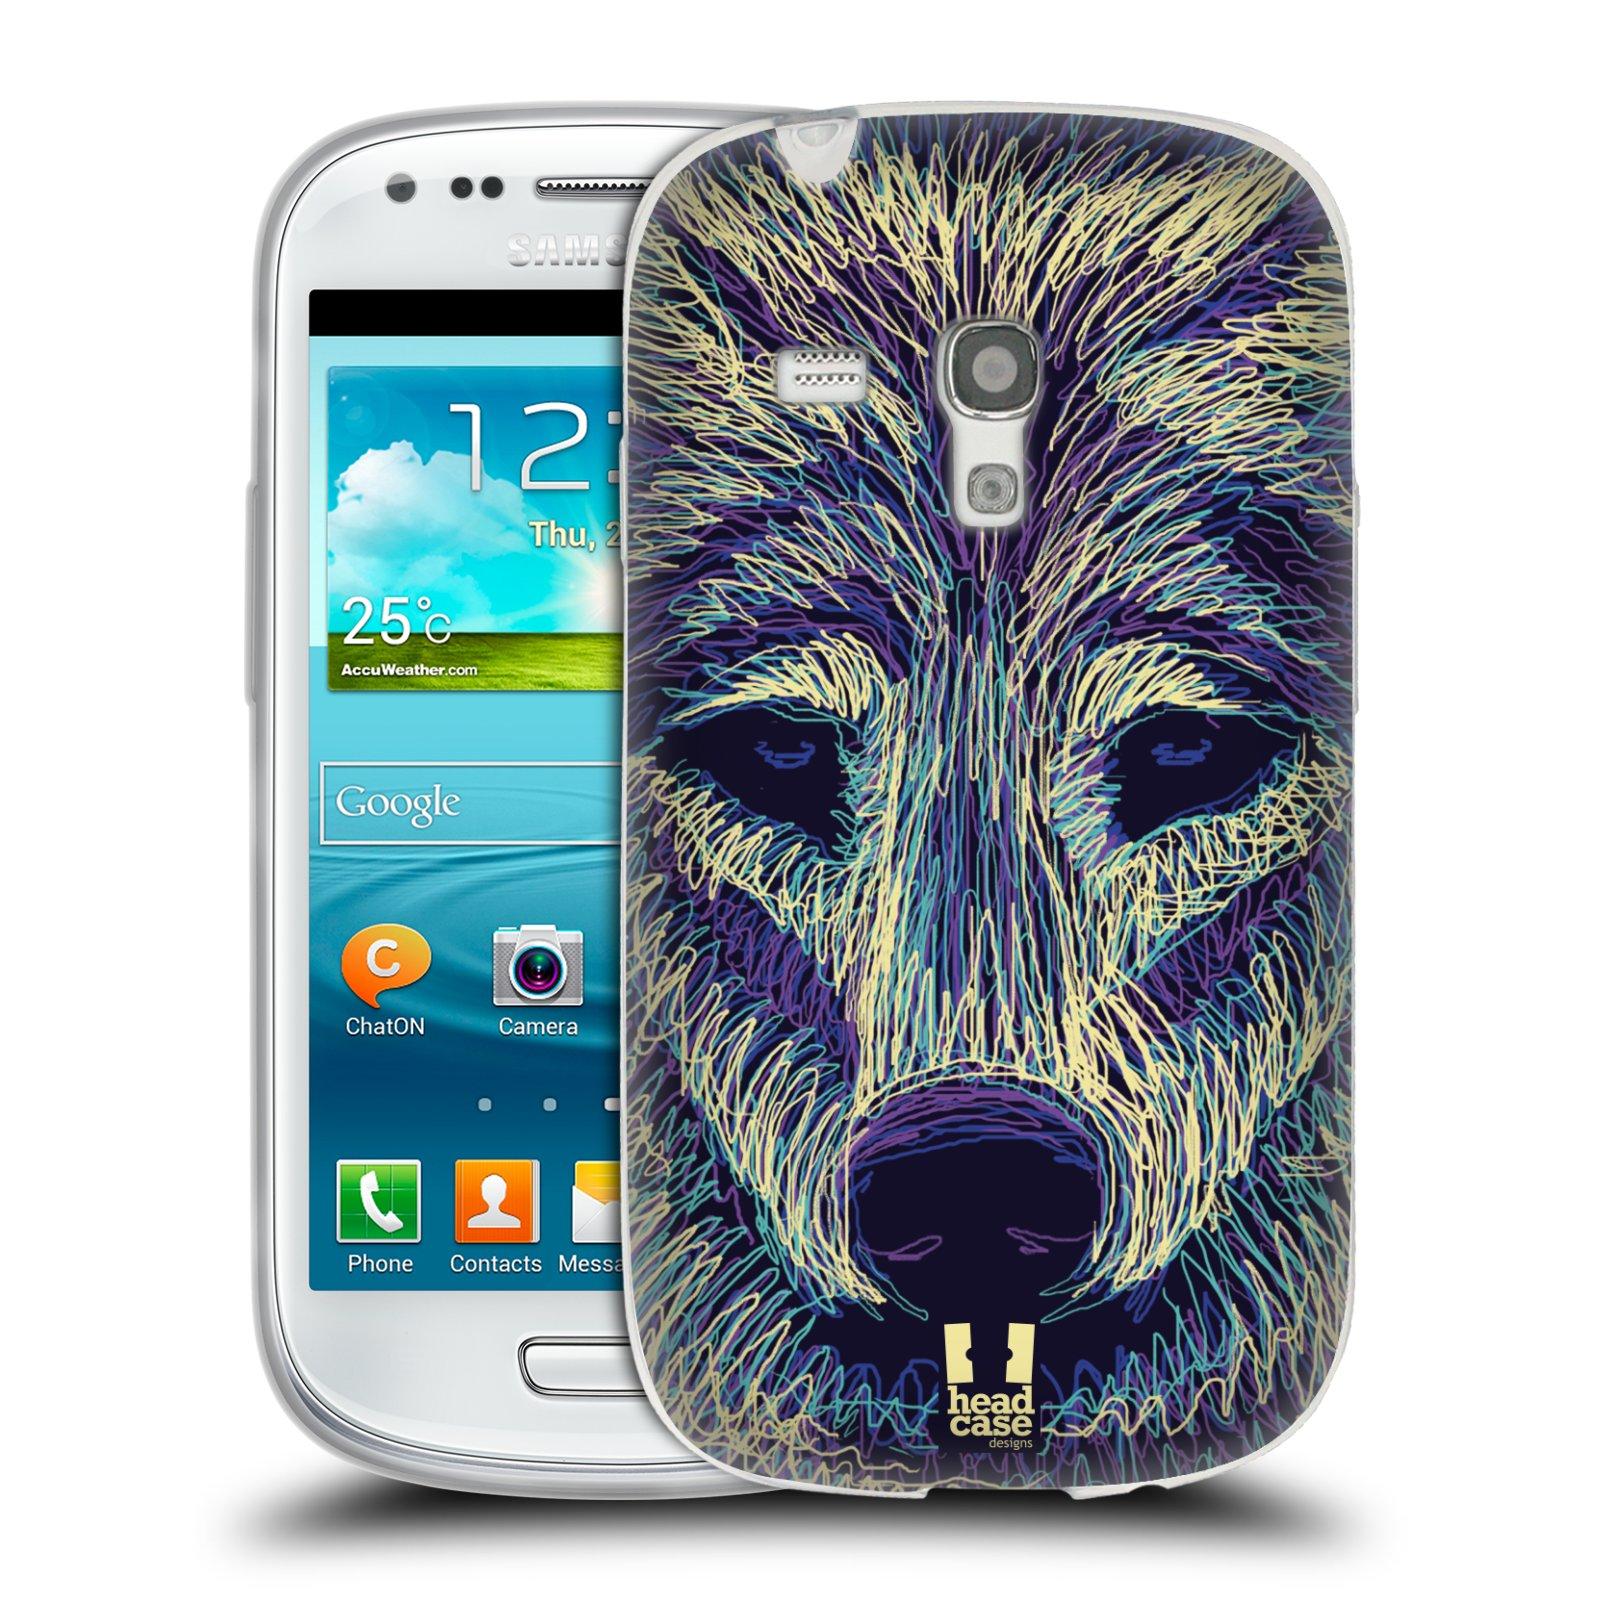 HEAD CASE silikonový obal na mobil Samsung Galaxy S3 MINI i8190 vzor zvíře čmáranice vlk